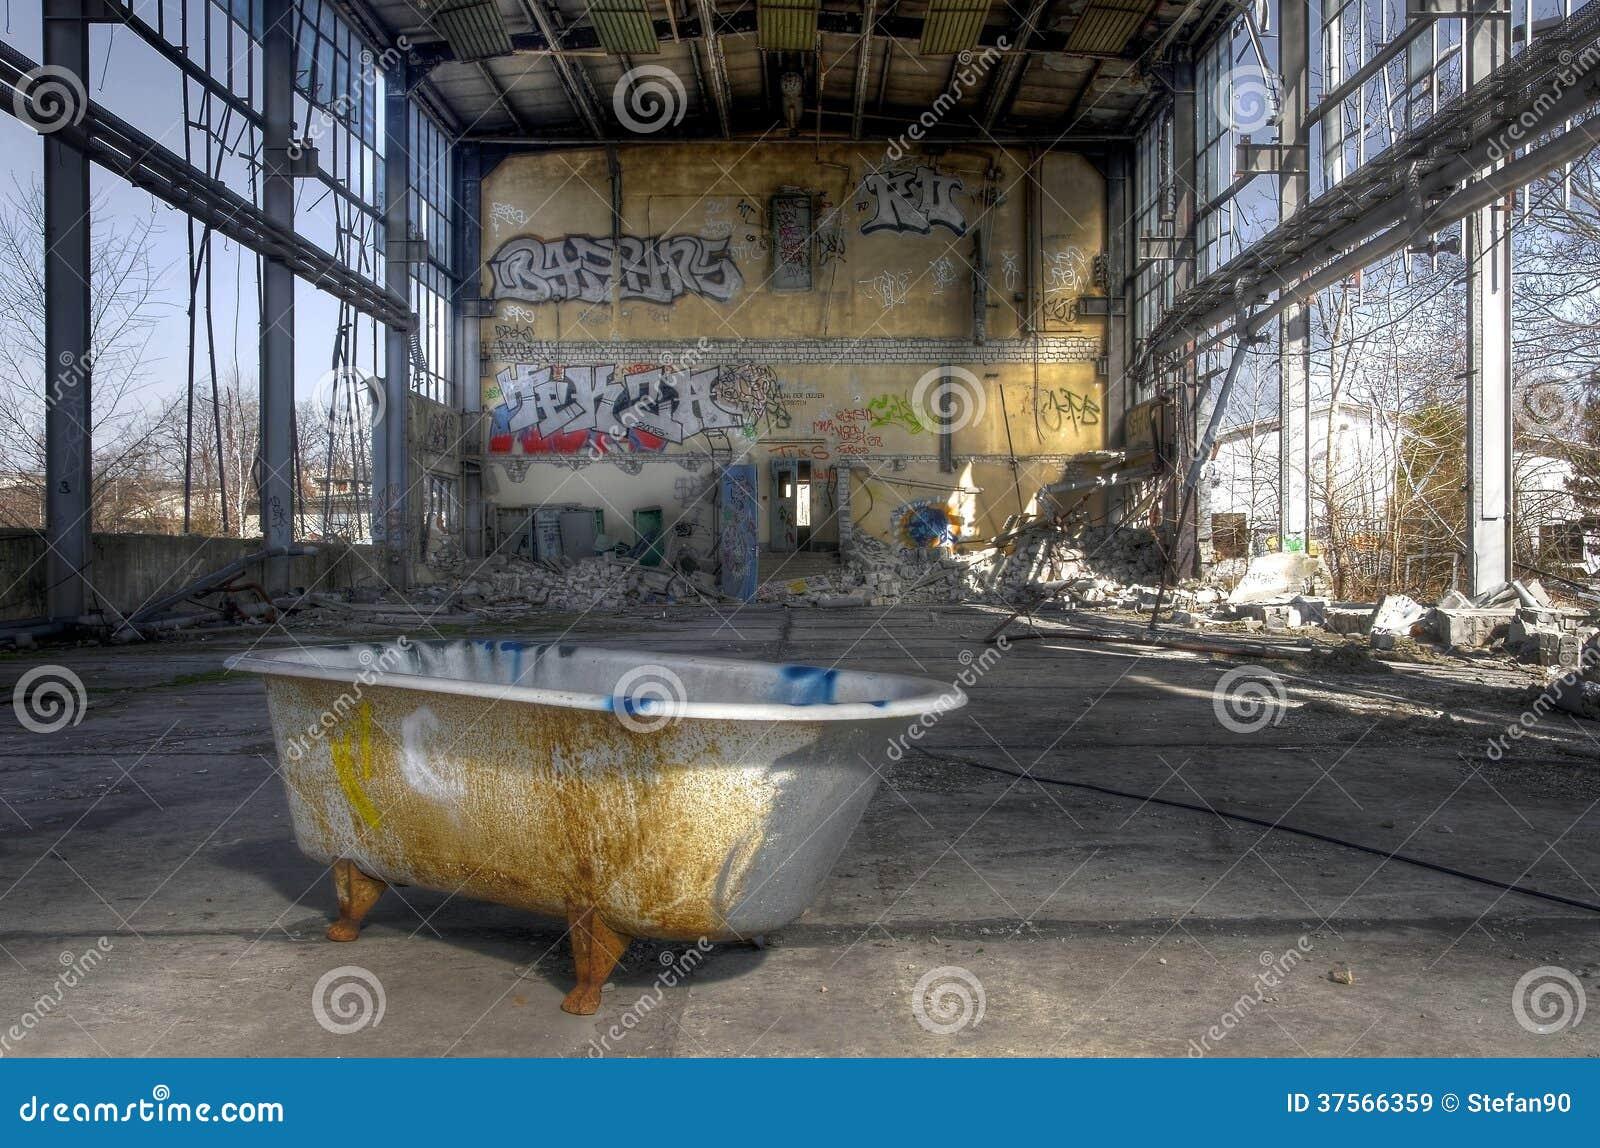 Génial Que Faire Avec Une Vieille Baignoire vieille baignoire image stock. image du abandonné, ville - 37566359